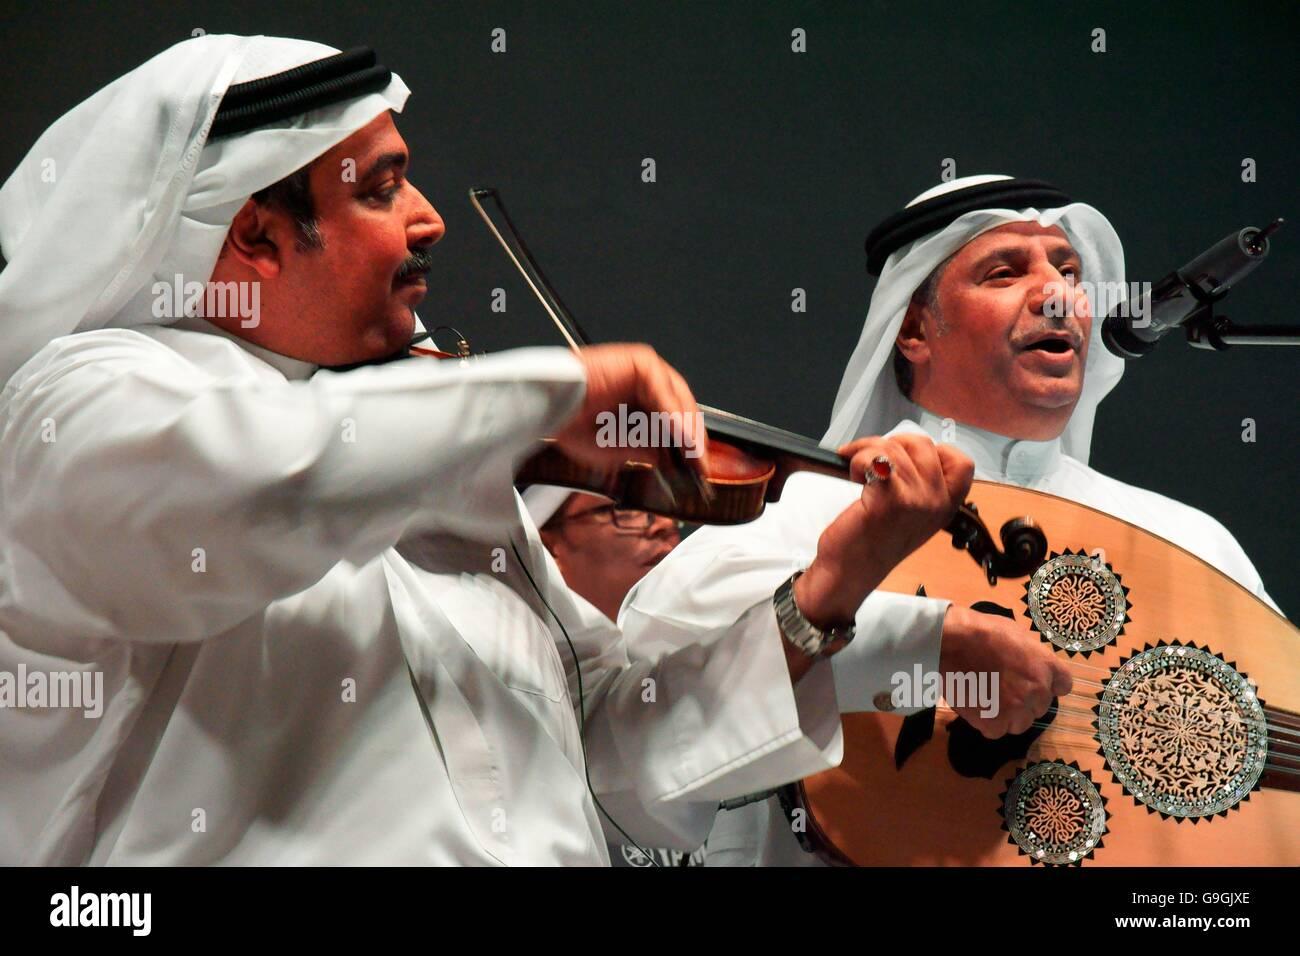 Músicos de la Mohammed bin faris ensemble banda tocar música tradicional Sawt al-Khalifa en el centro Imagen De Stock